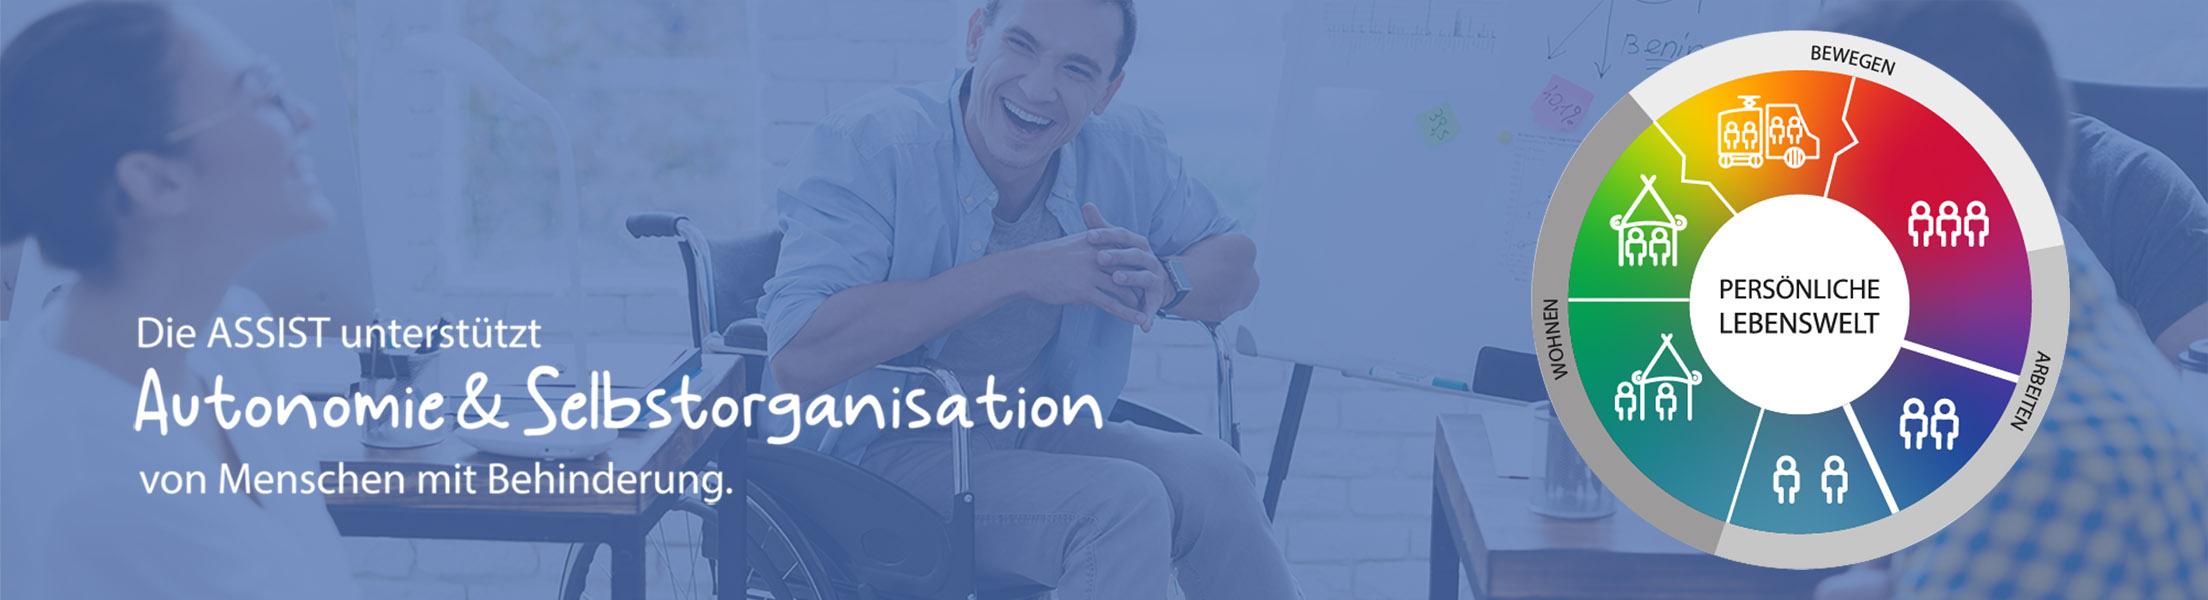 2 Männer (davon einer im Rollstuhl) und 1 Frau unterhalten sich. Text: Die Assist unterstützt Autonomie & Selbstorganisaiton von Menschen mit Behinderung. Grafik: Kreis, in dem in Regenbogenfarben alle 6 Geschäftsfelder der ASSIST dargestellt werden.